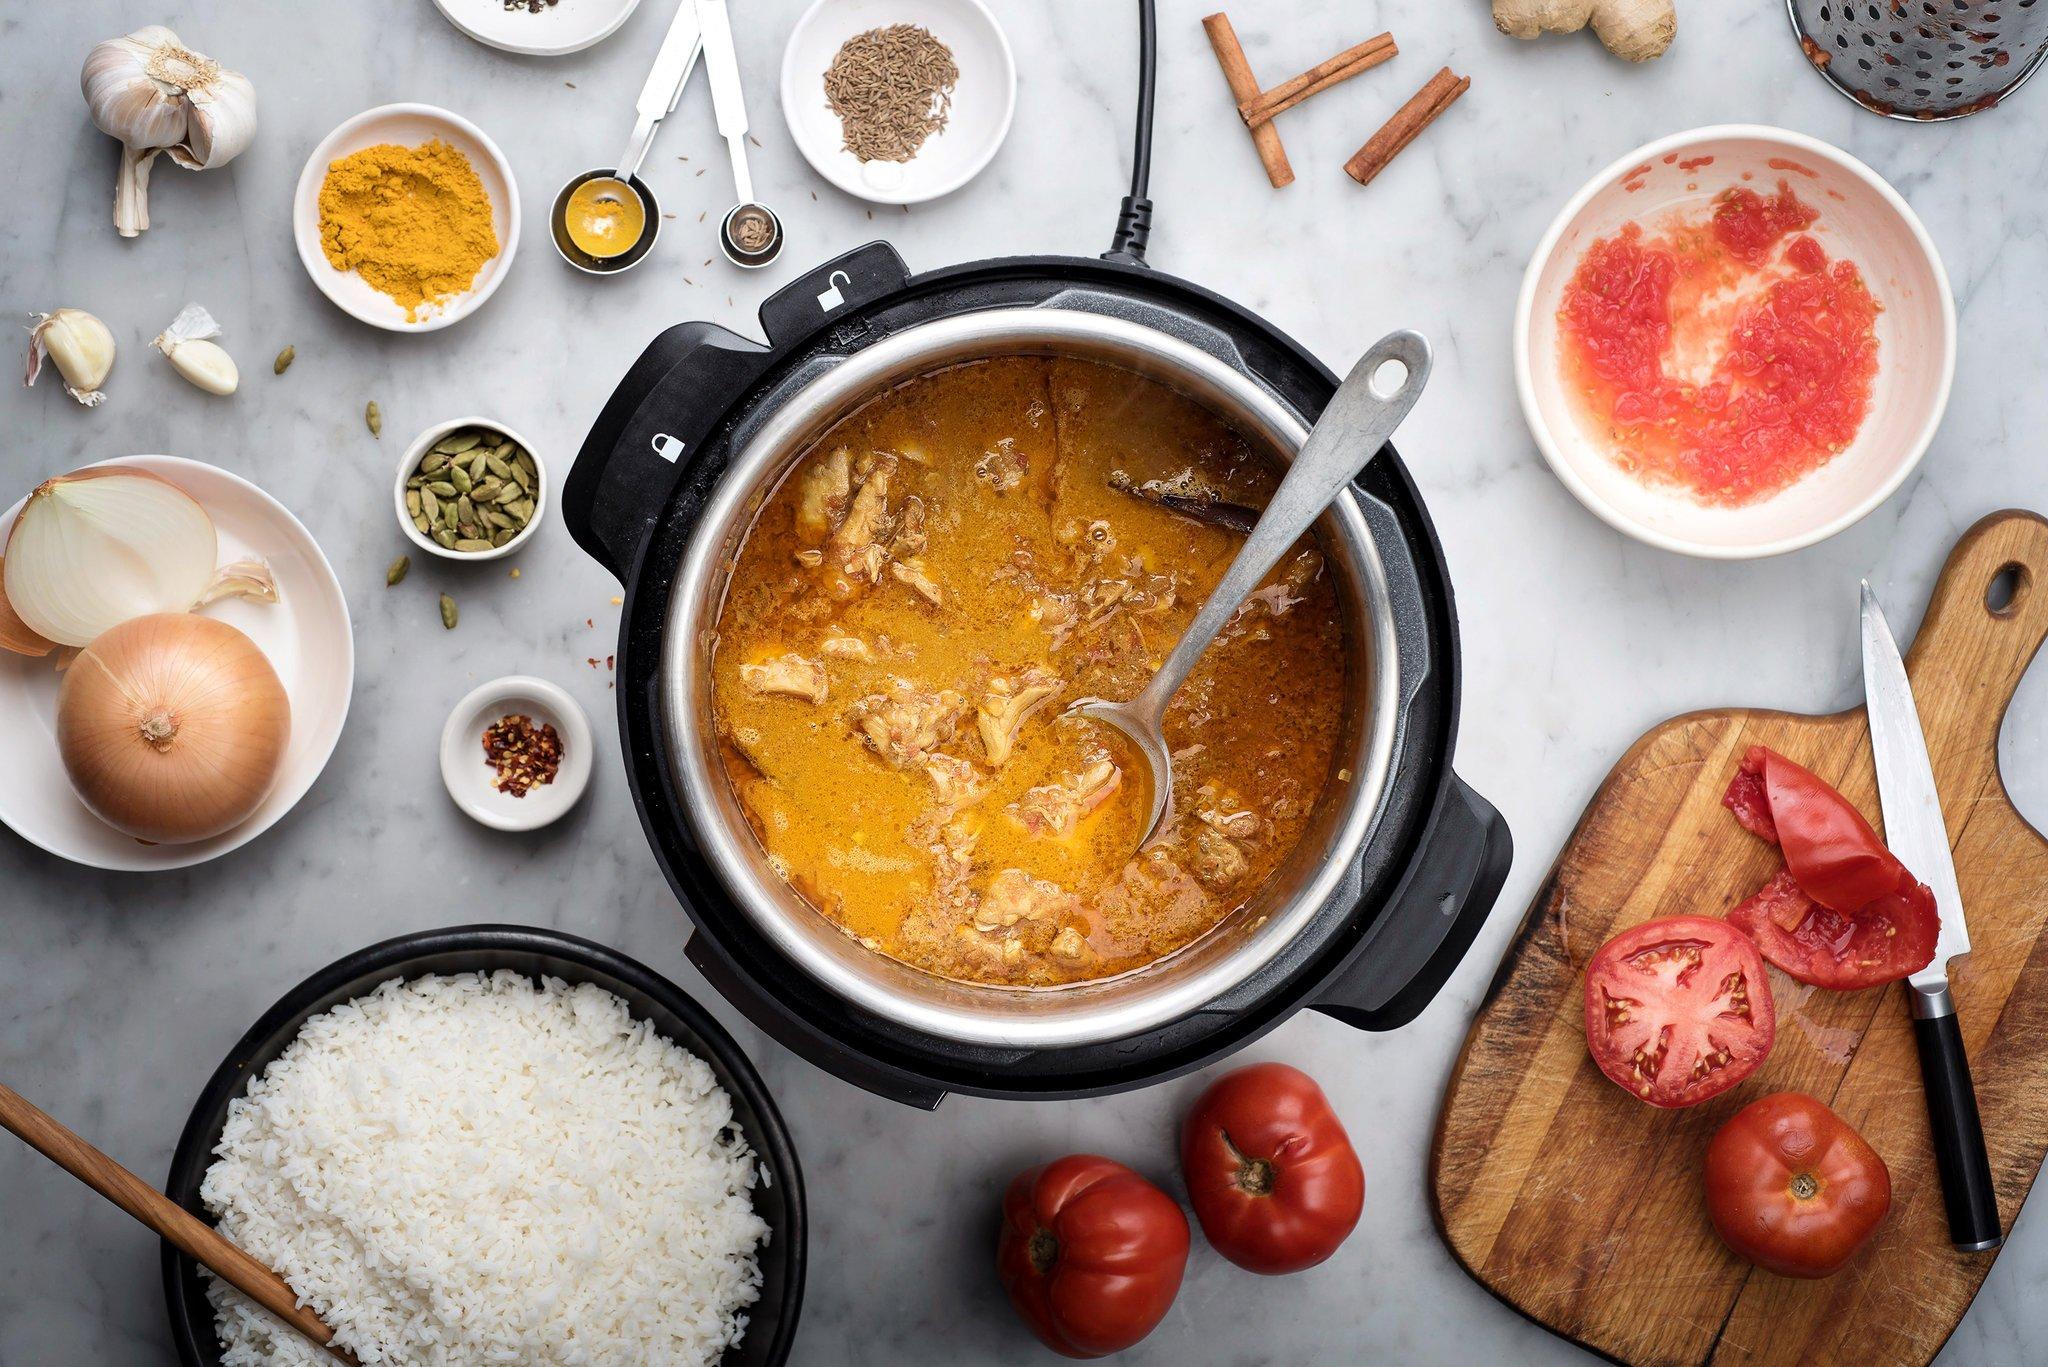 ۱۵ ترفند آشپزی از زبان مشهورترین سرآشپزهای جهان